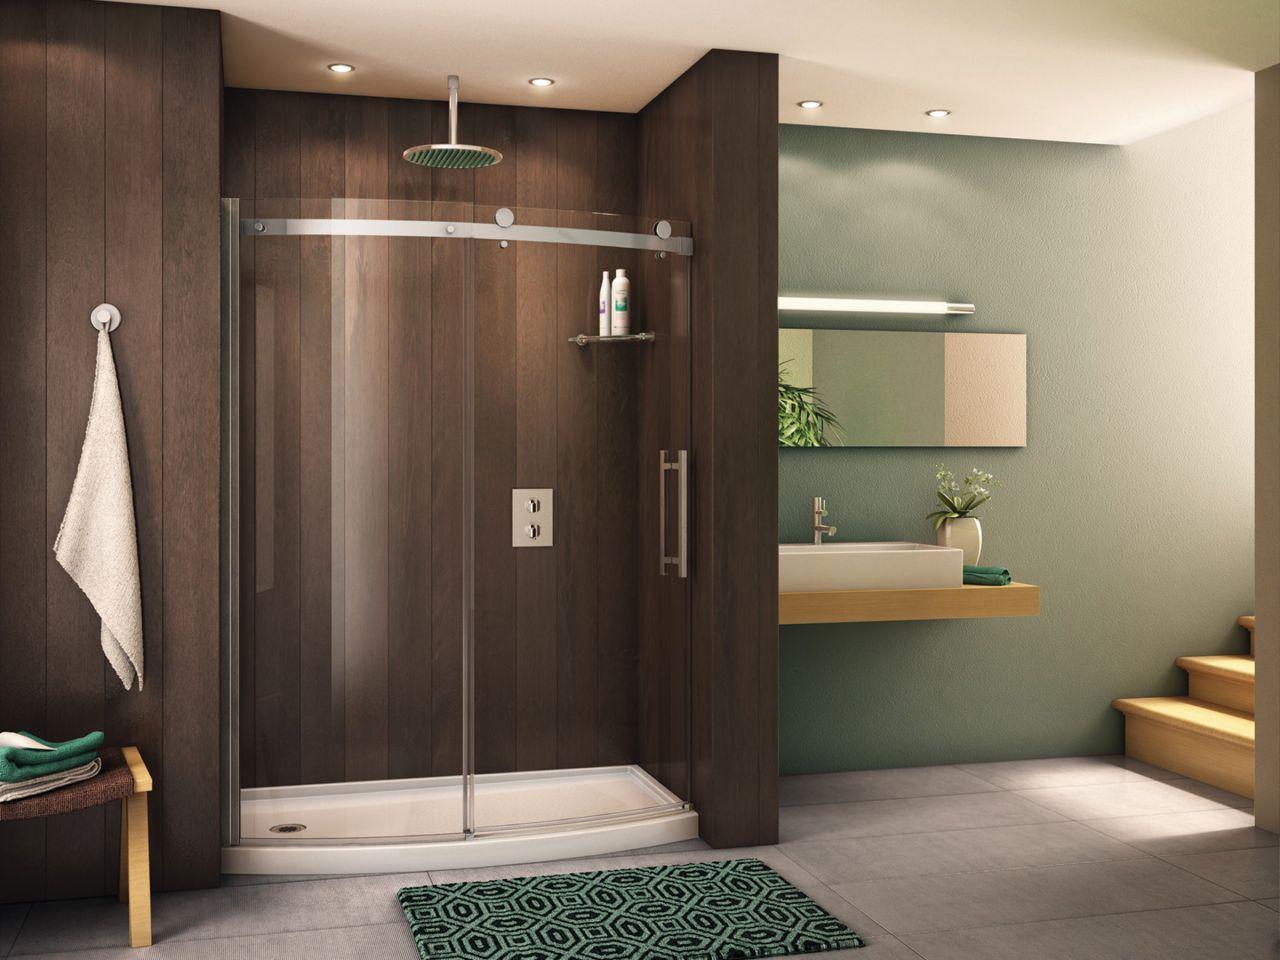 a shower door over a shower curtain